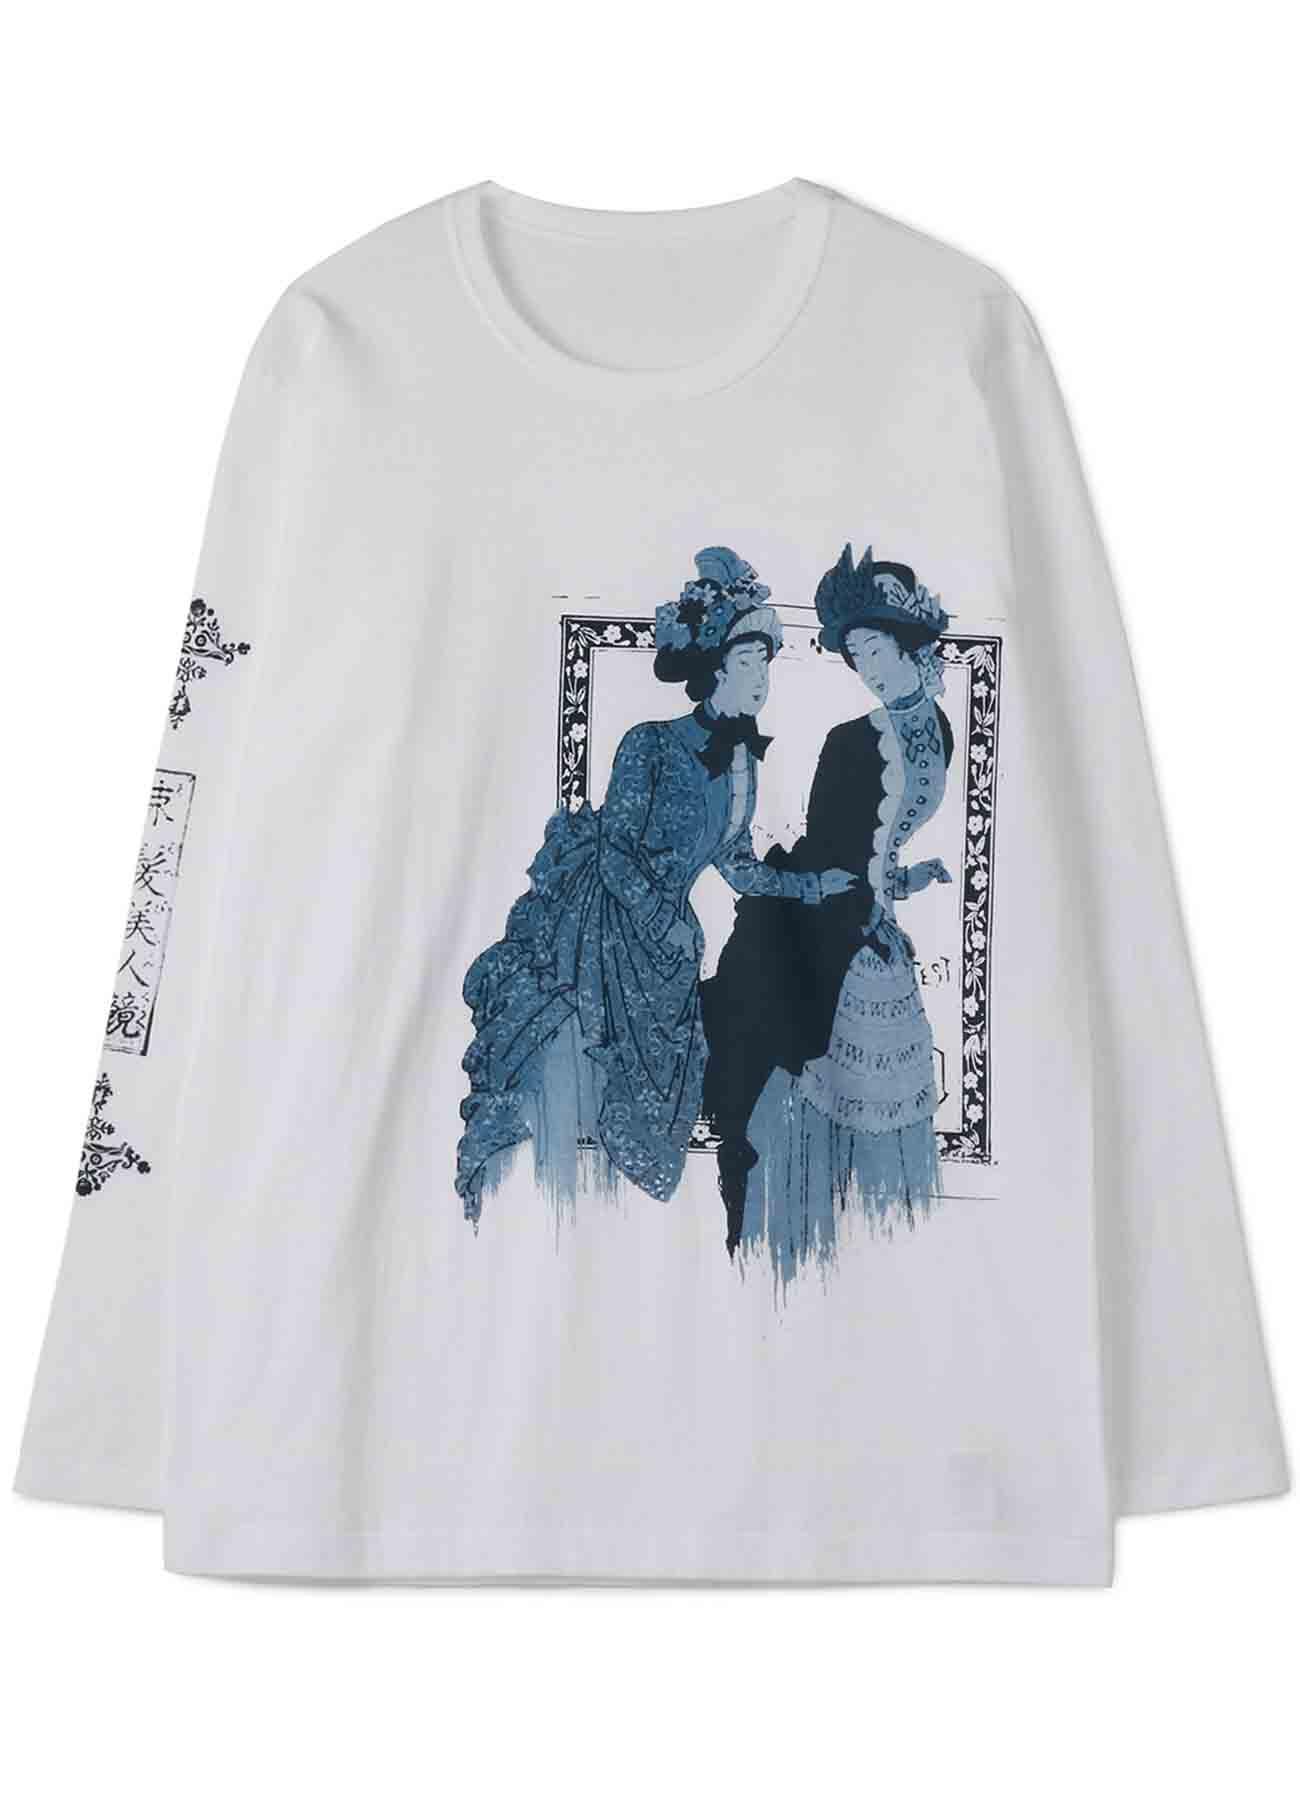 20/Cotton Jersey Rokumeikan Sokuhatsu Bijin Revolution Long Sleeve T-Shirt